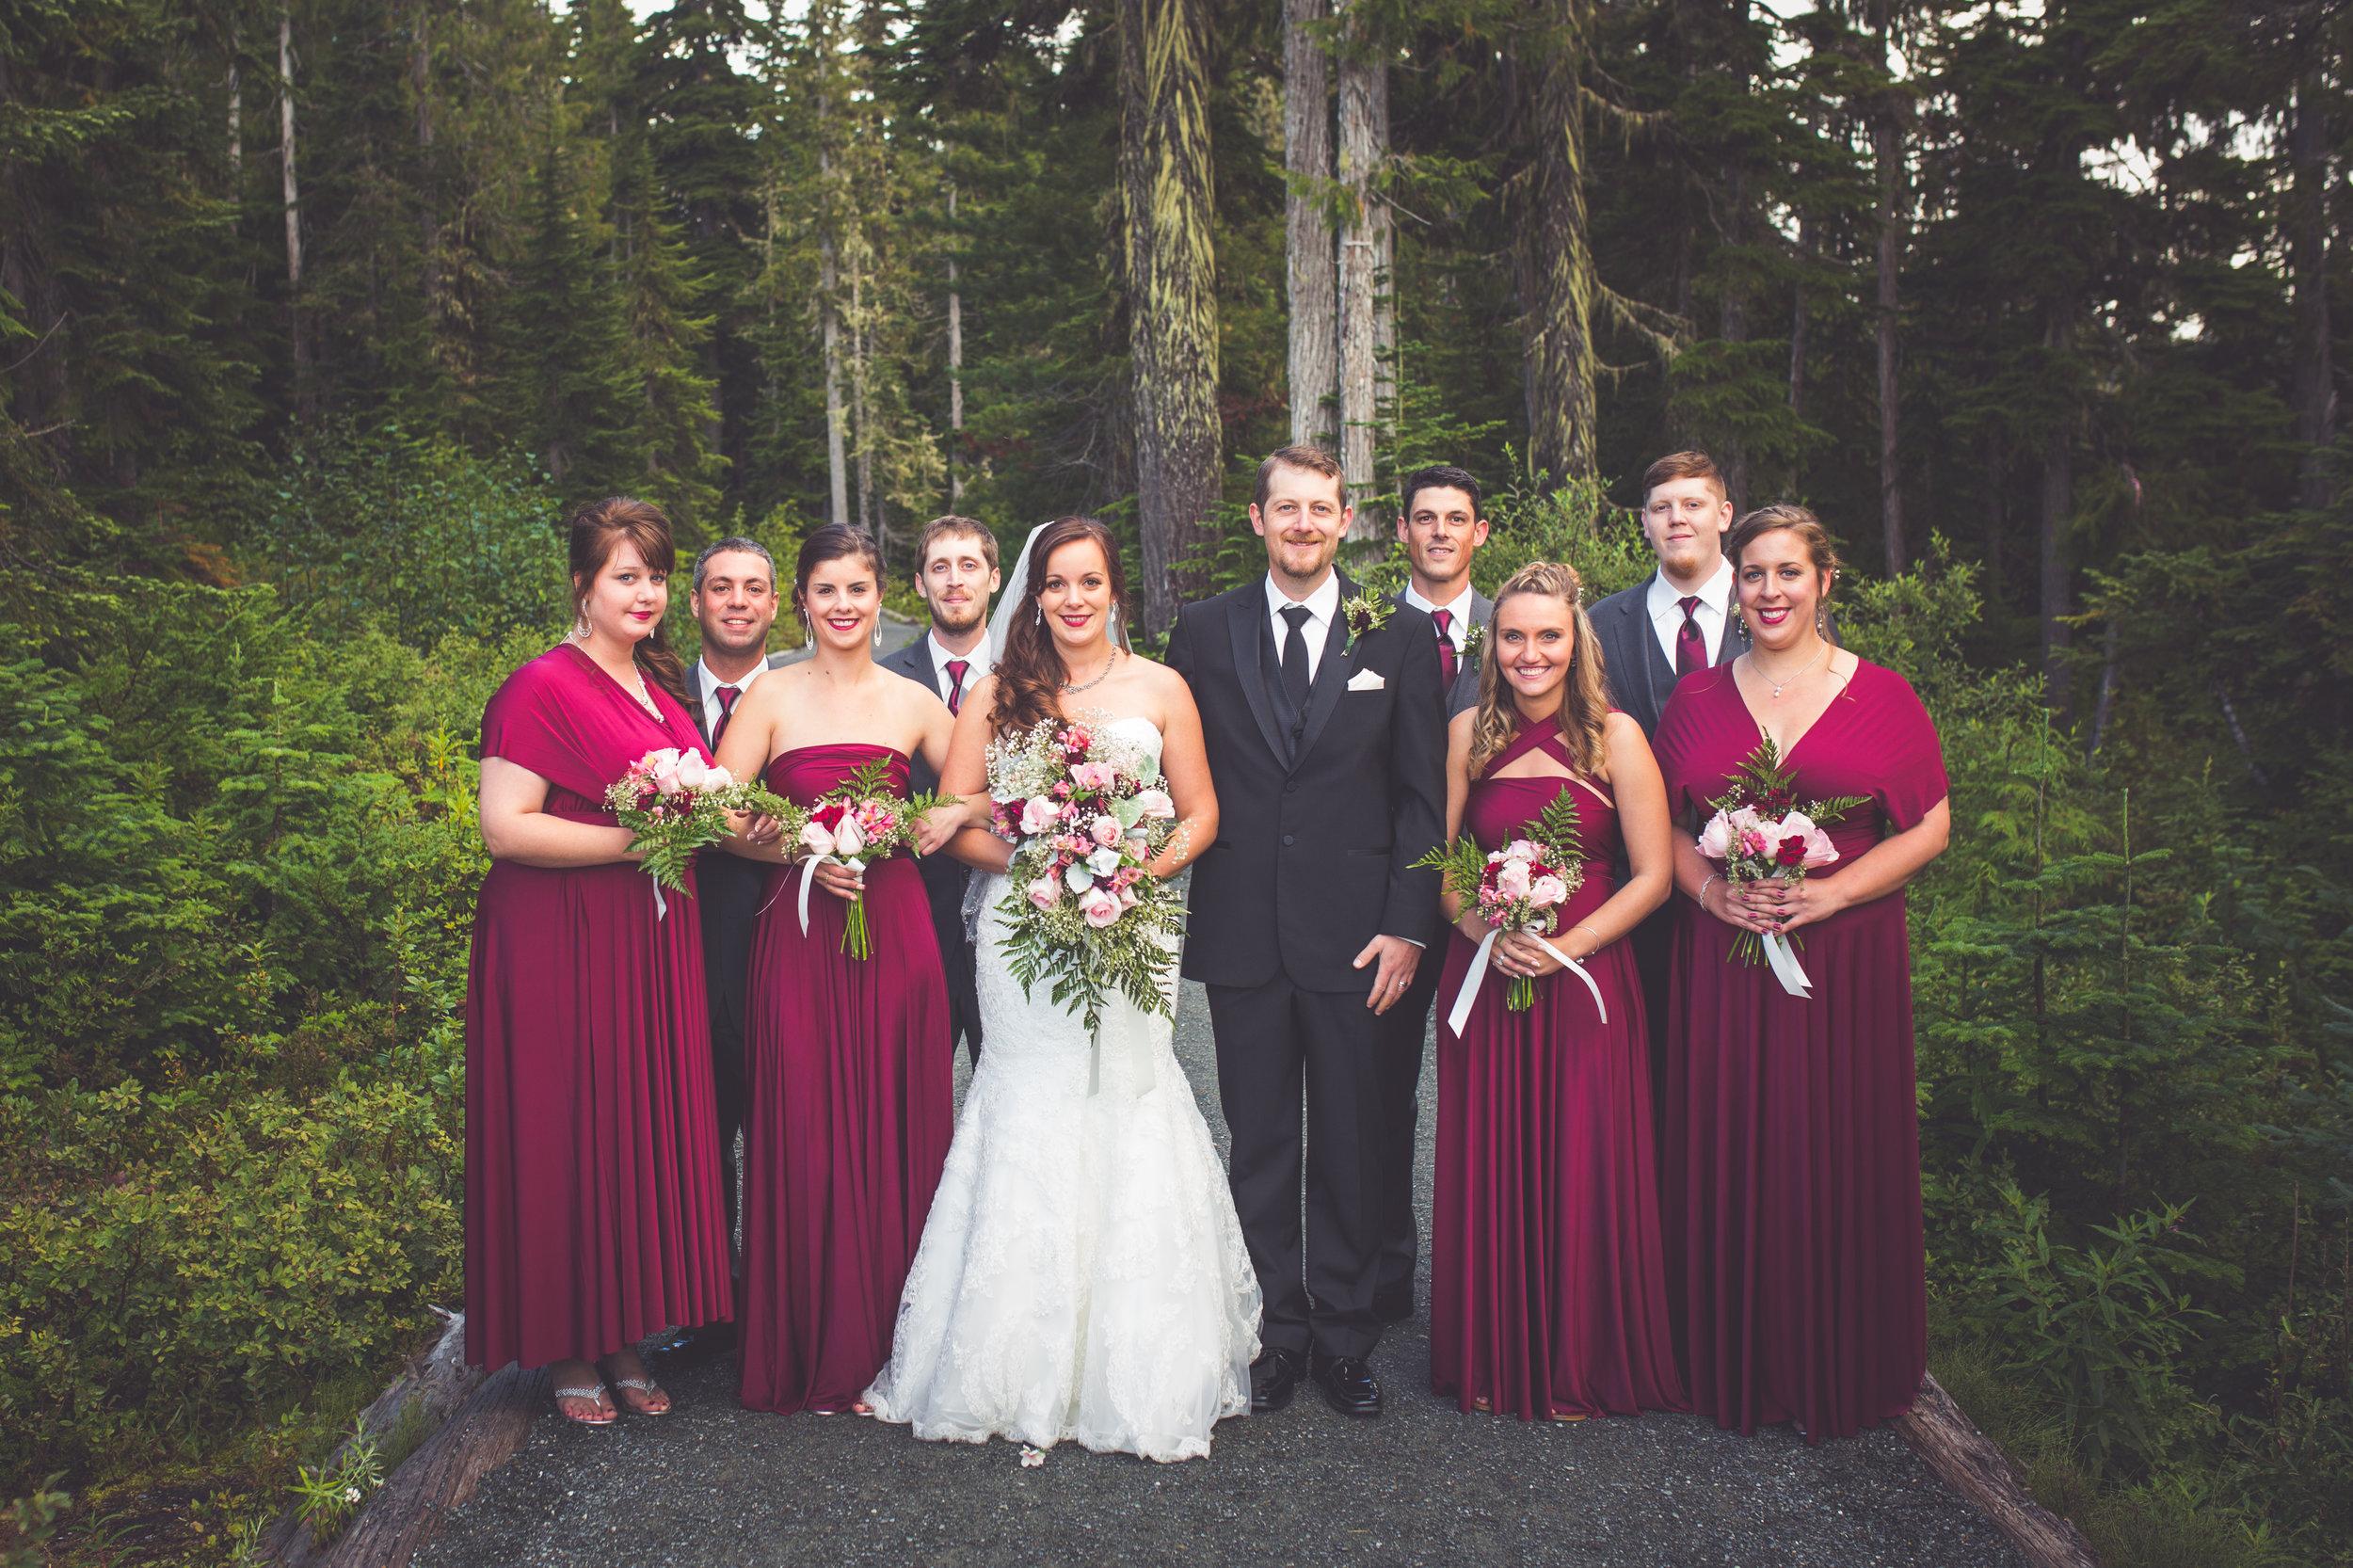 bridal party photos at mount washington resort